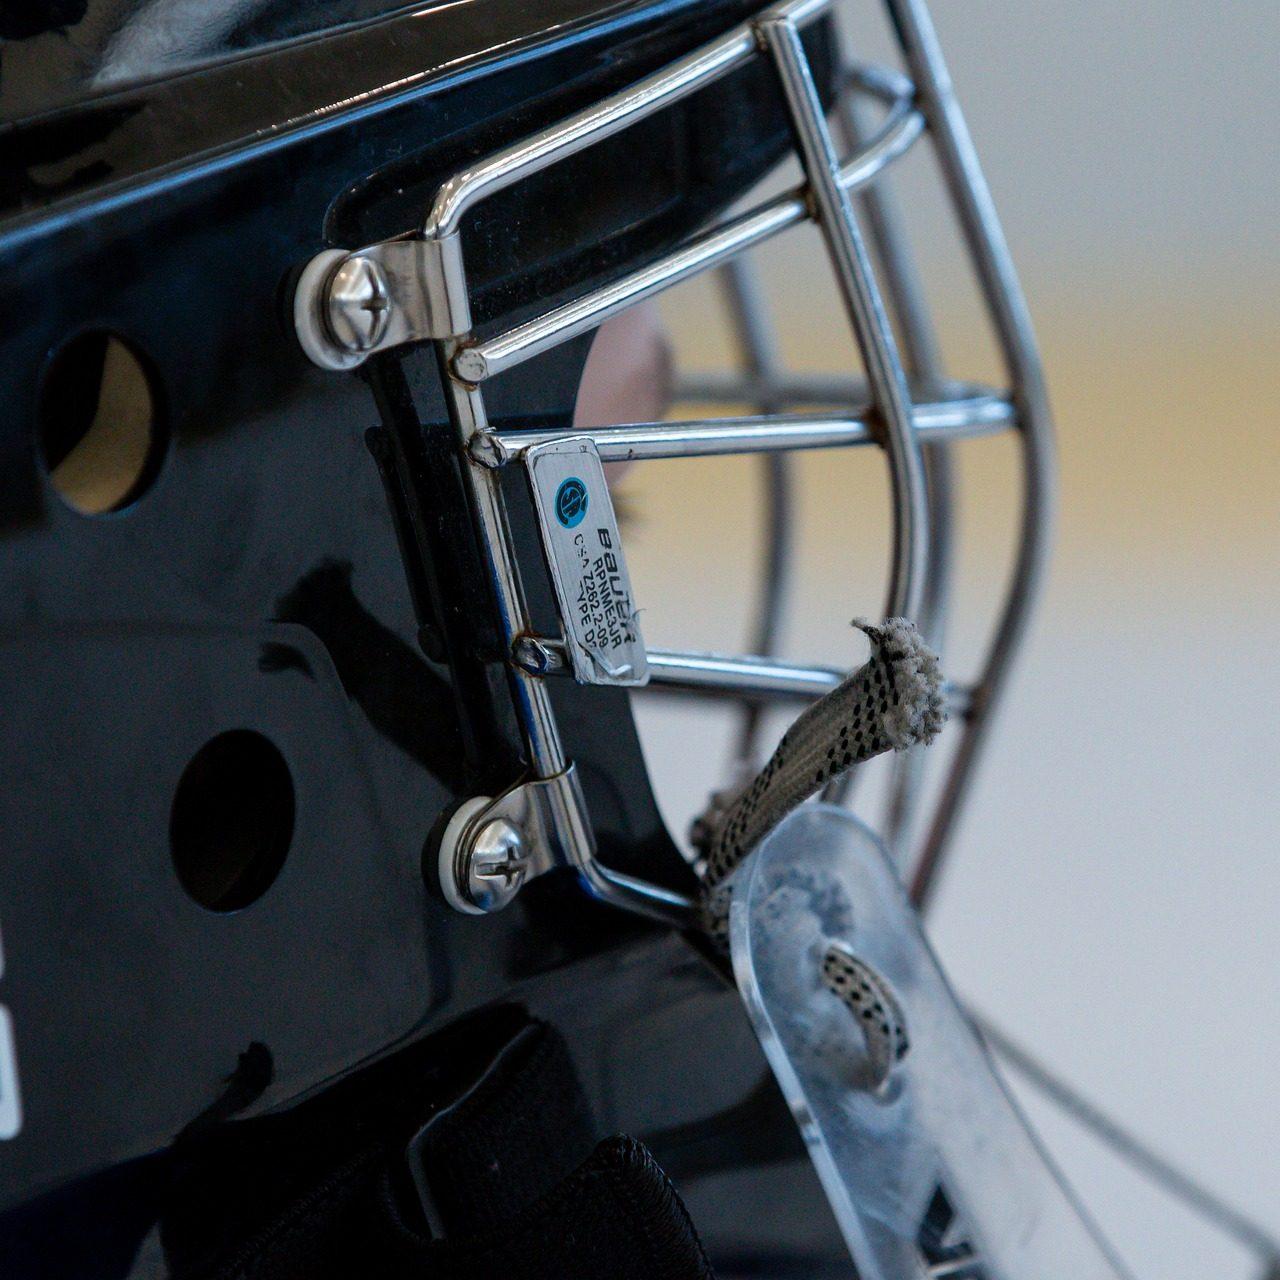 ice-hockey-4496035_1920